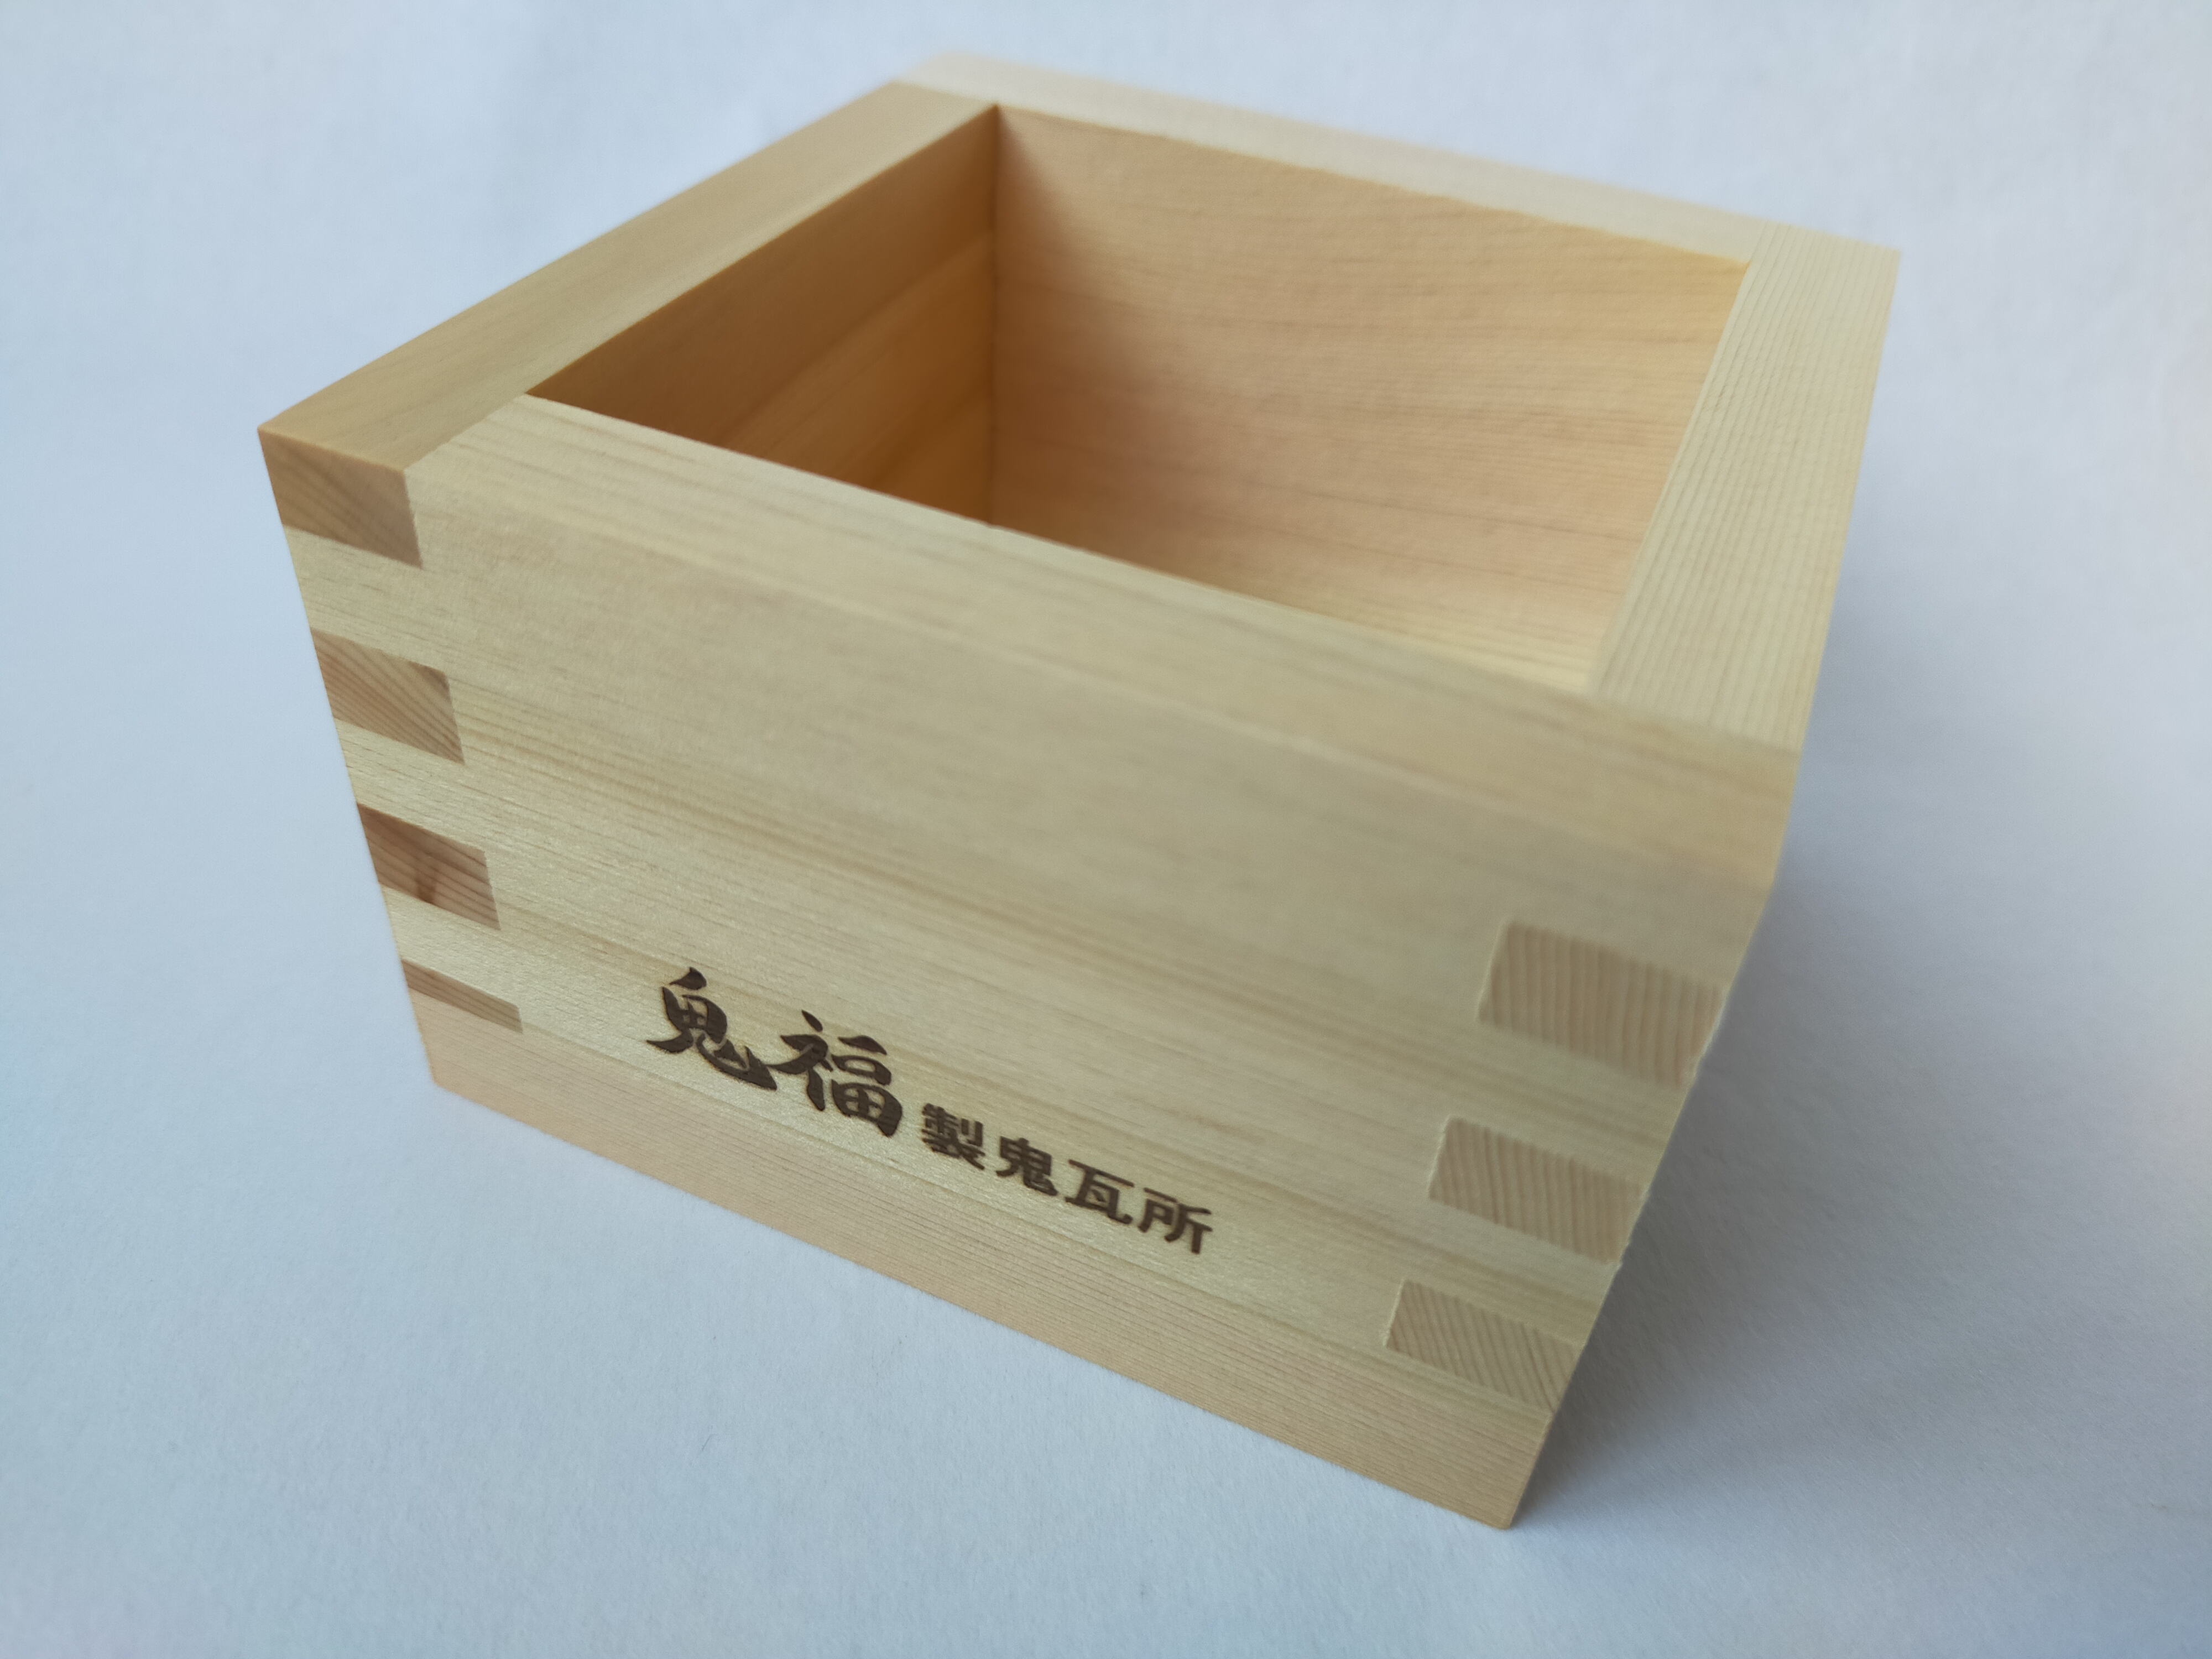 【鬼は福】製作裏話13(枡と煎り豆の完成)